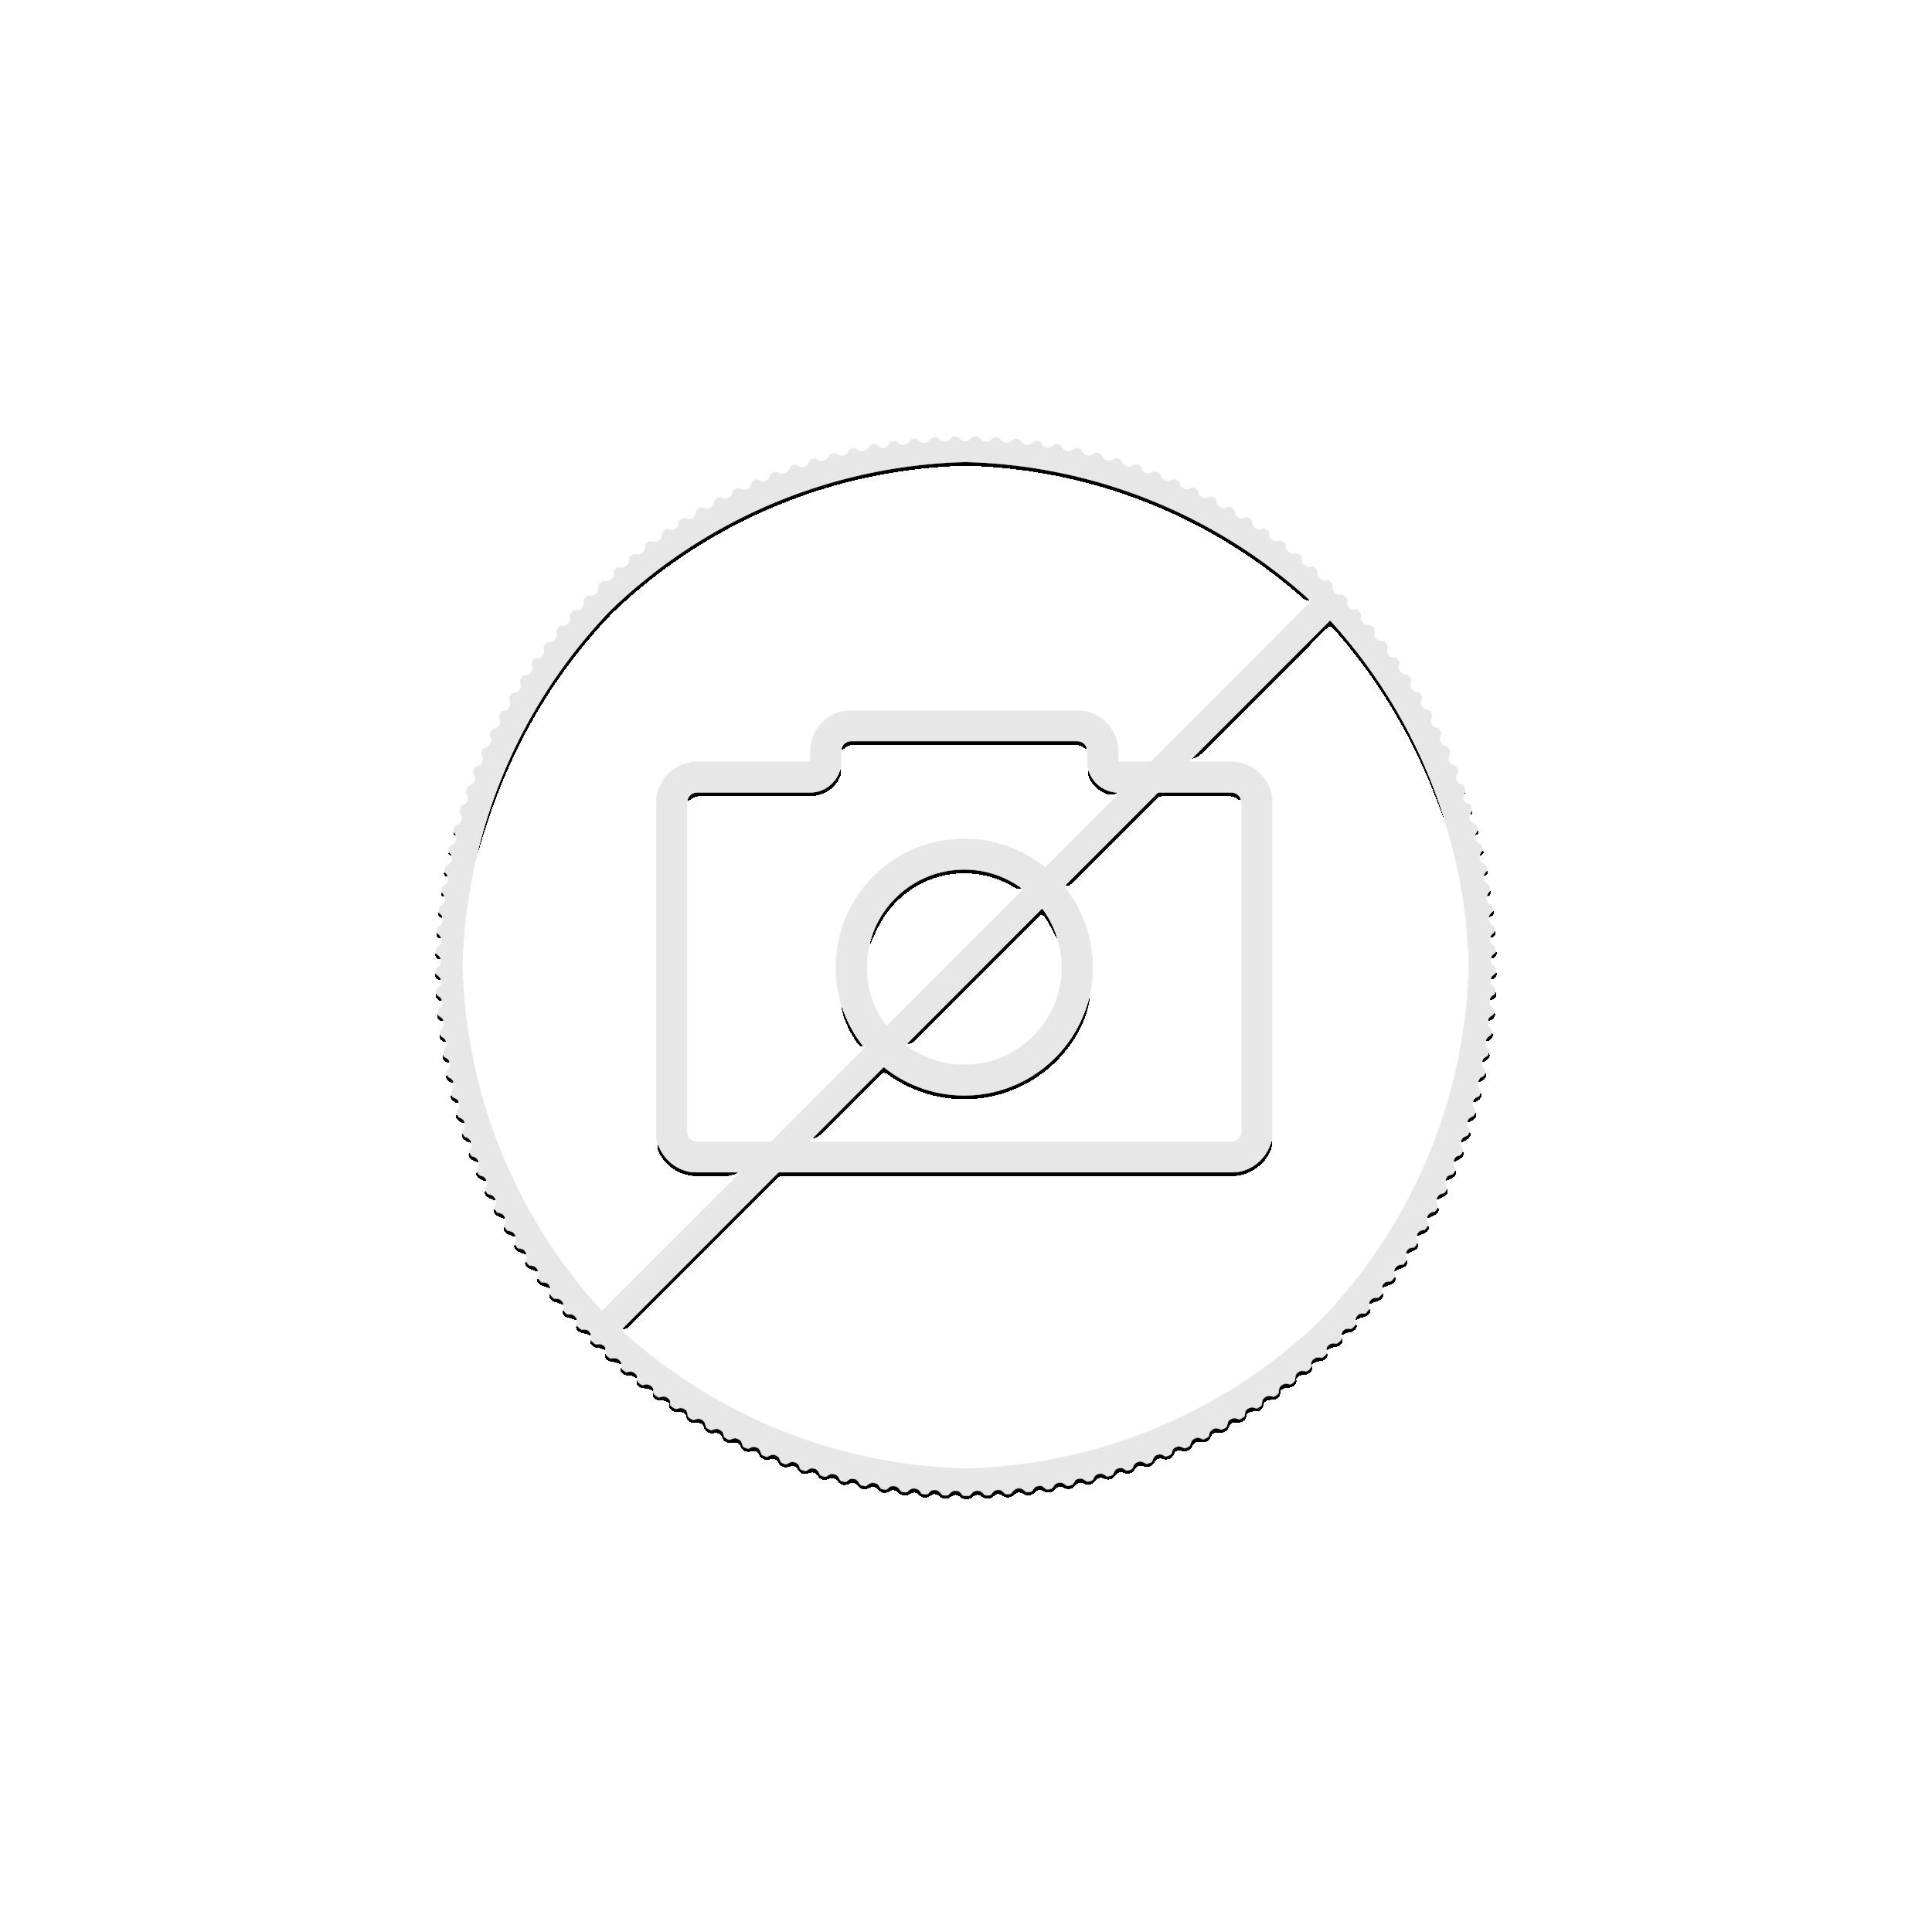 Zilveren Kookaburra munt 1 troy ounce zilver 2012